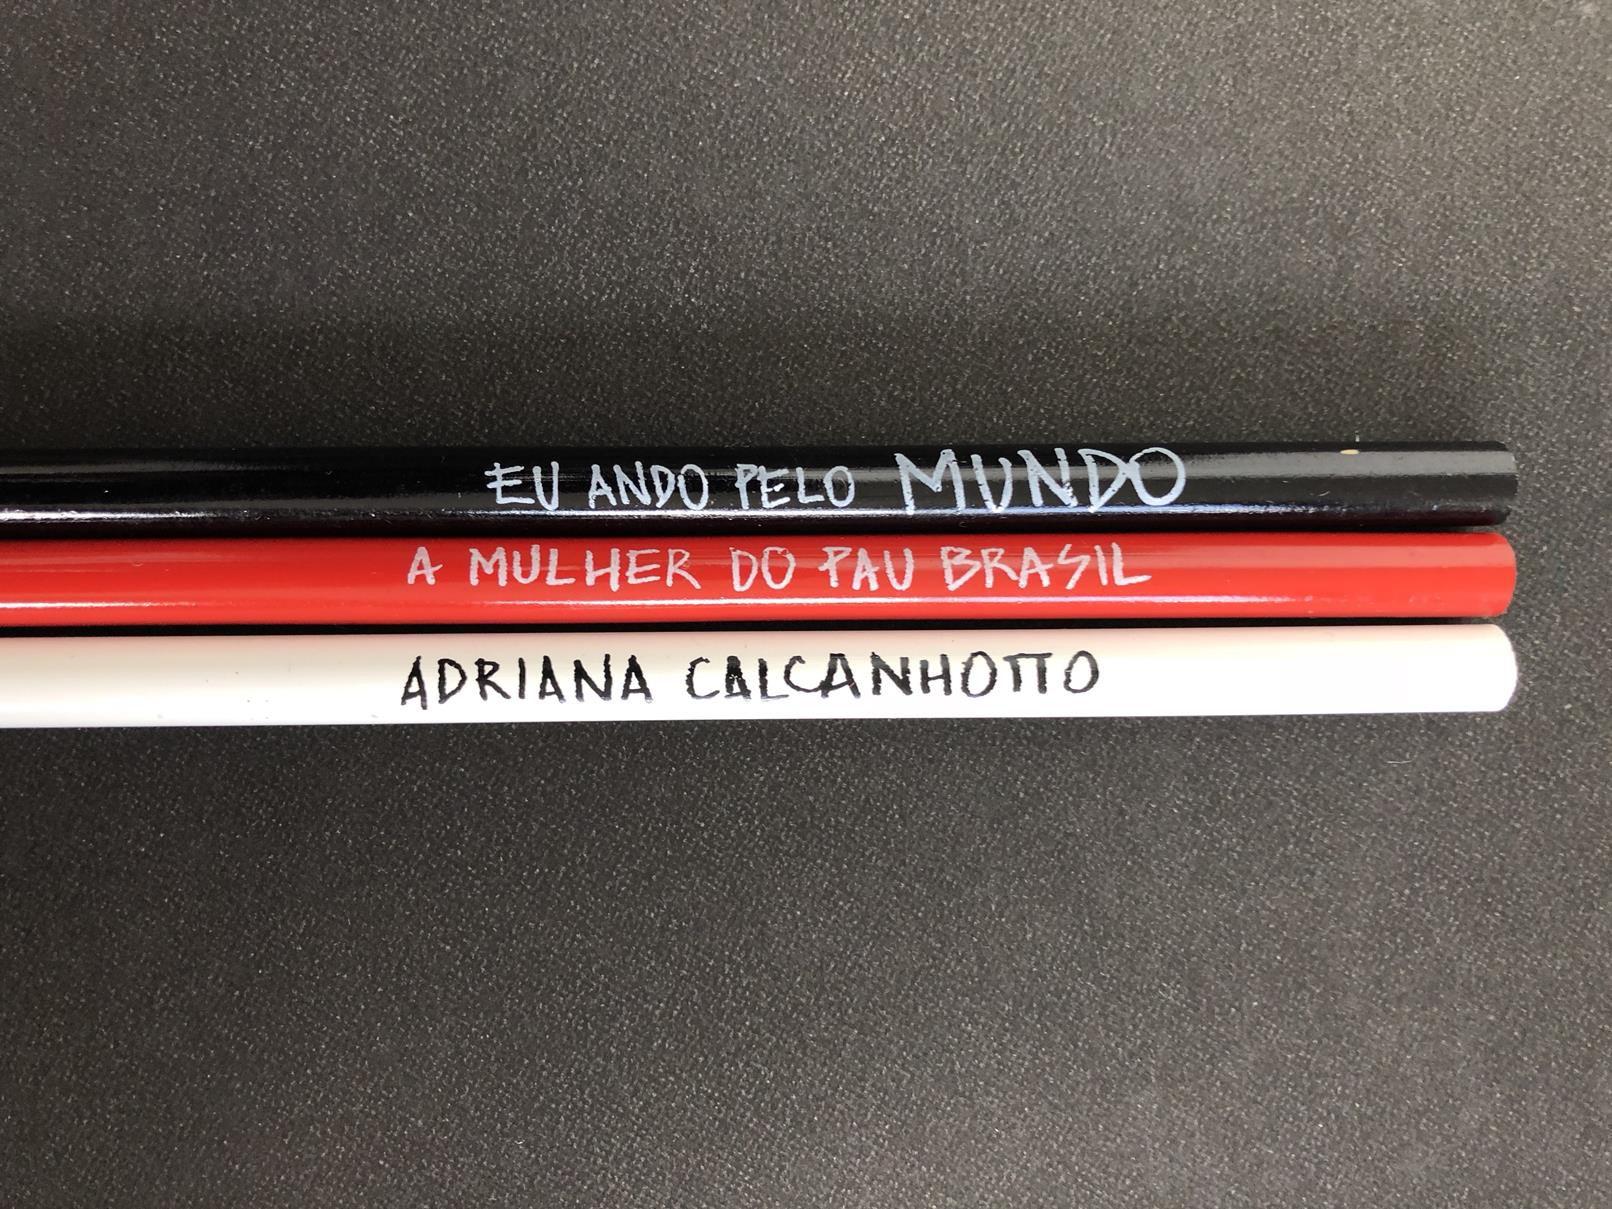 LÁPIS ADRIANA CALCANHOTTO + A MULHER DO PAU BRASIL + EU ANDO PELO MUNDO